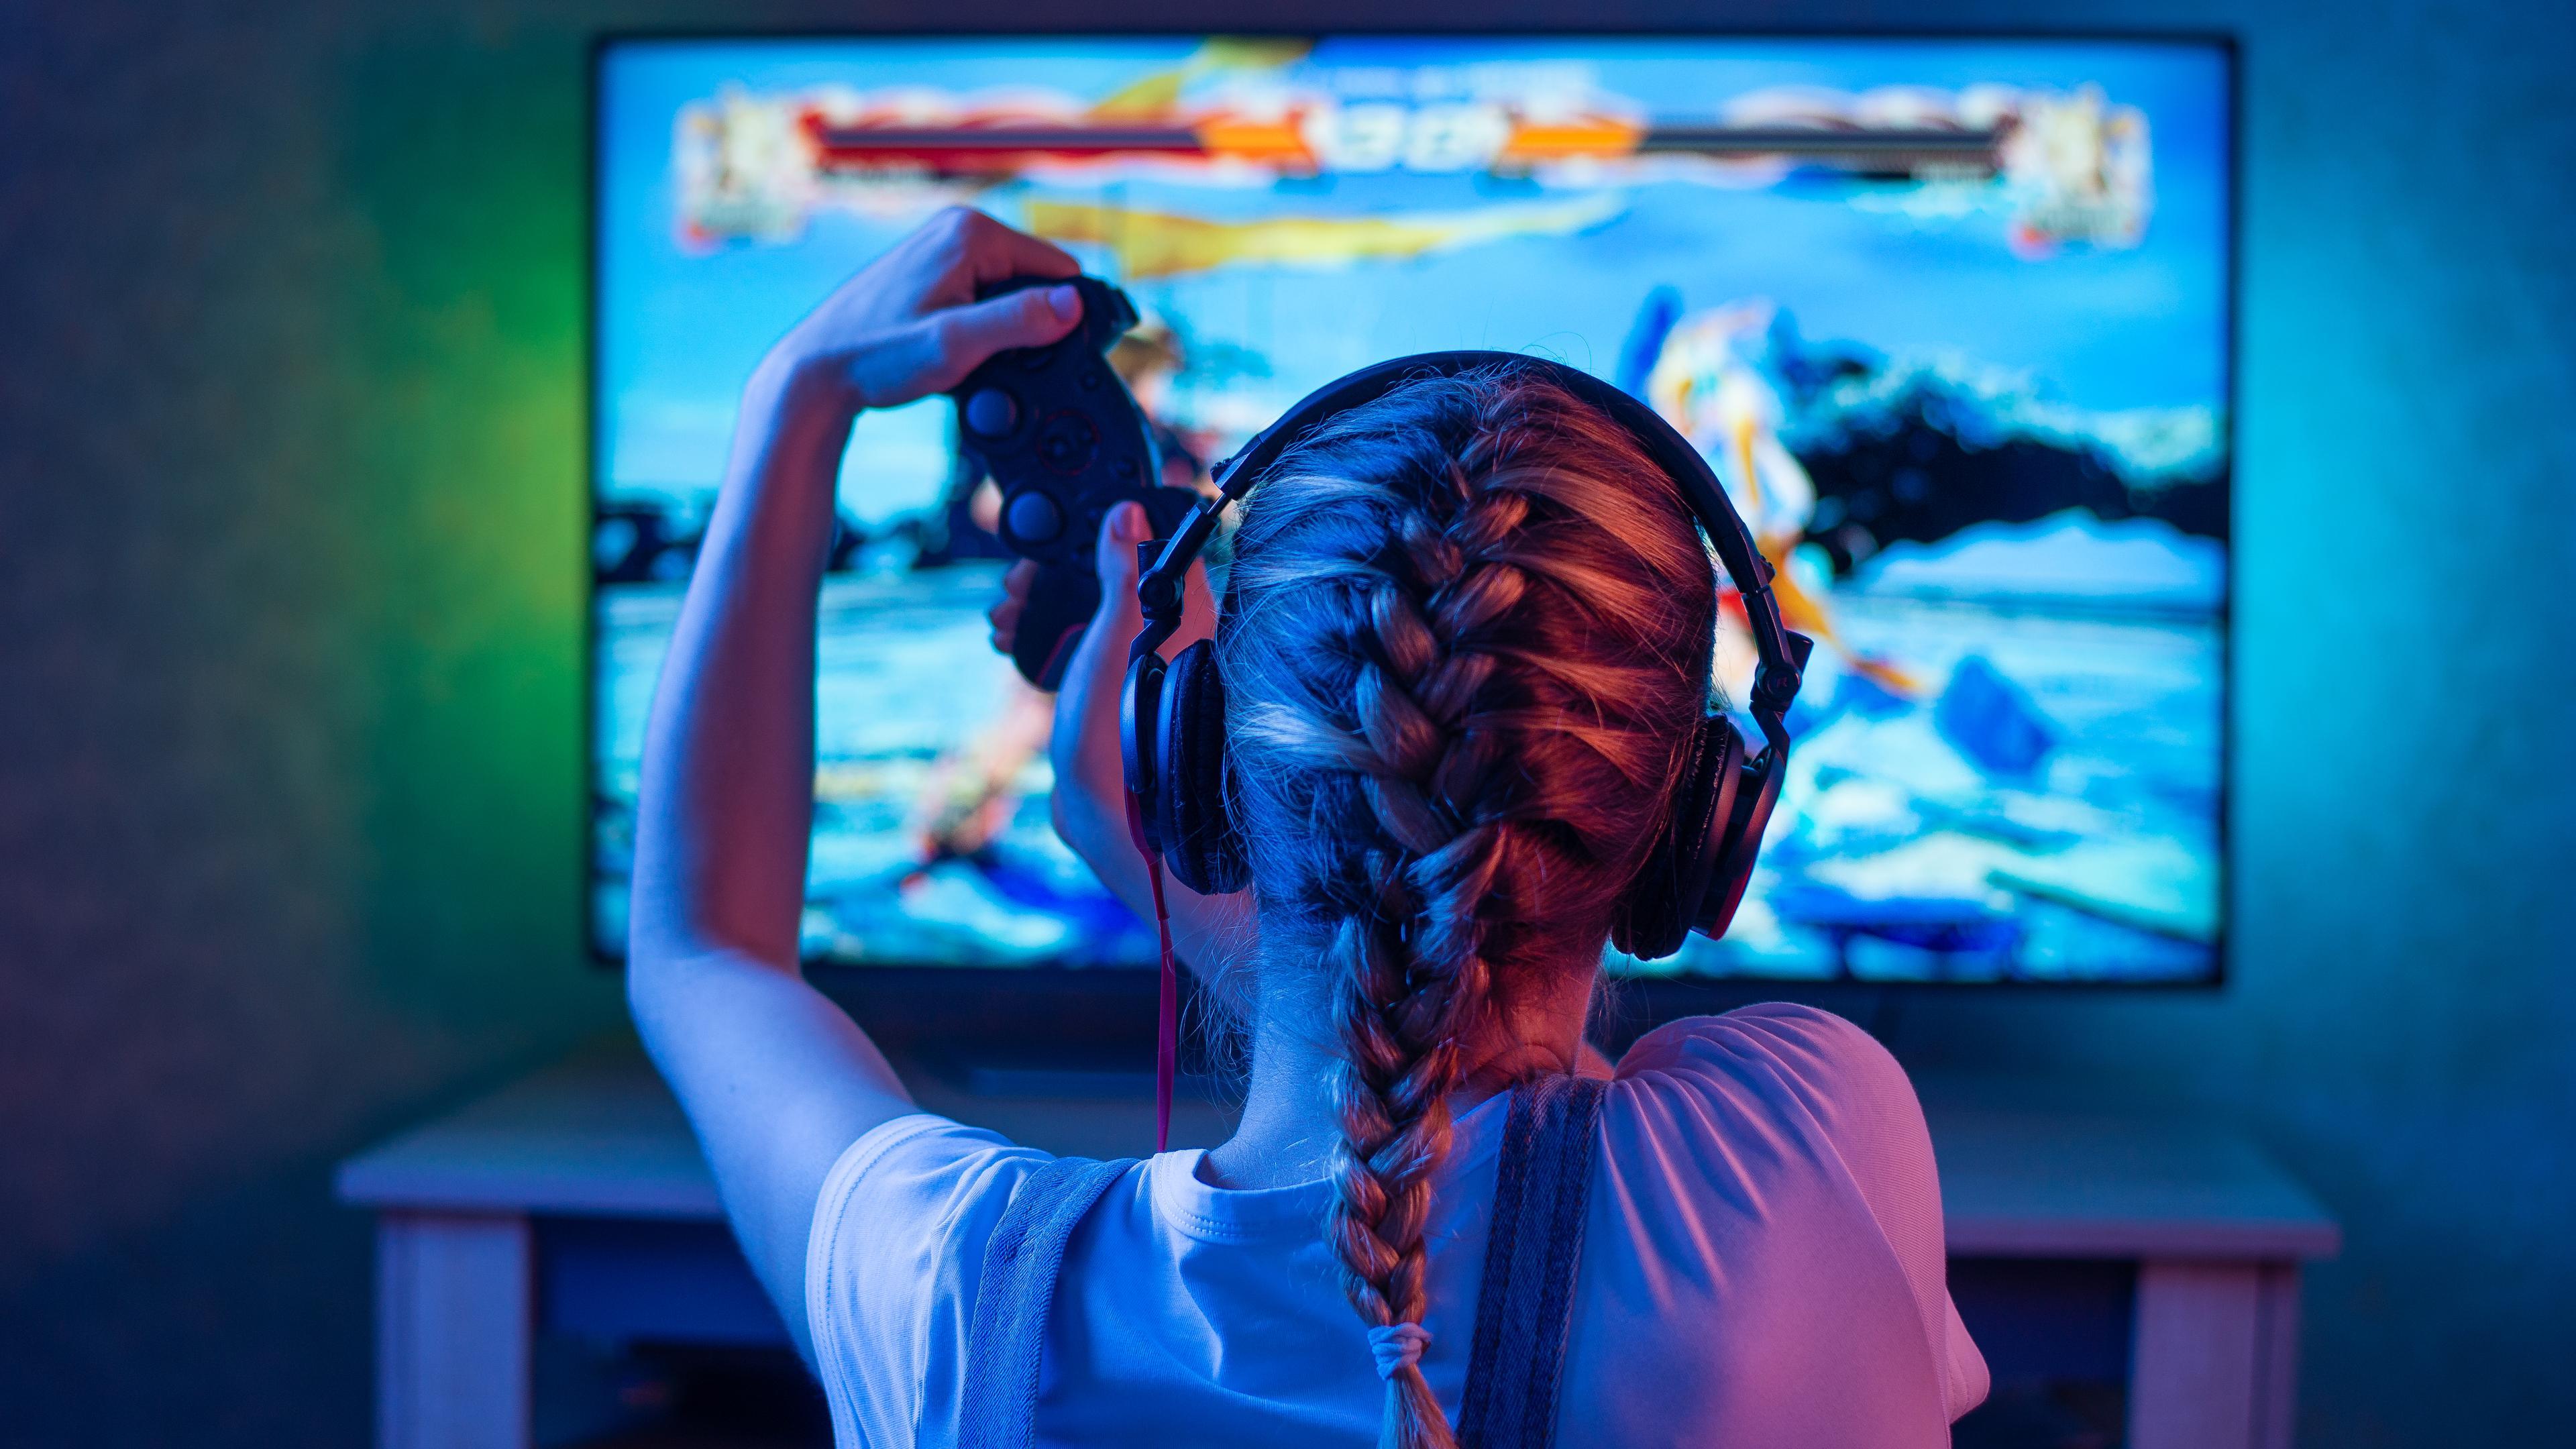 Видеоигры помогли подросткам пробудить любовь к чтению и творчеству